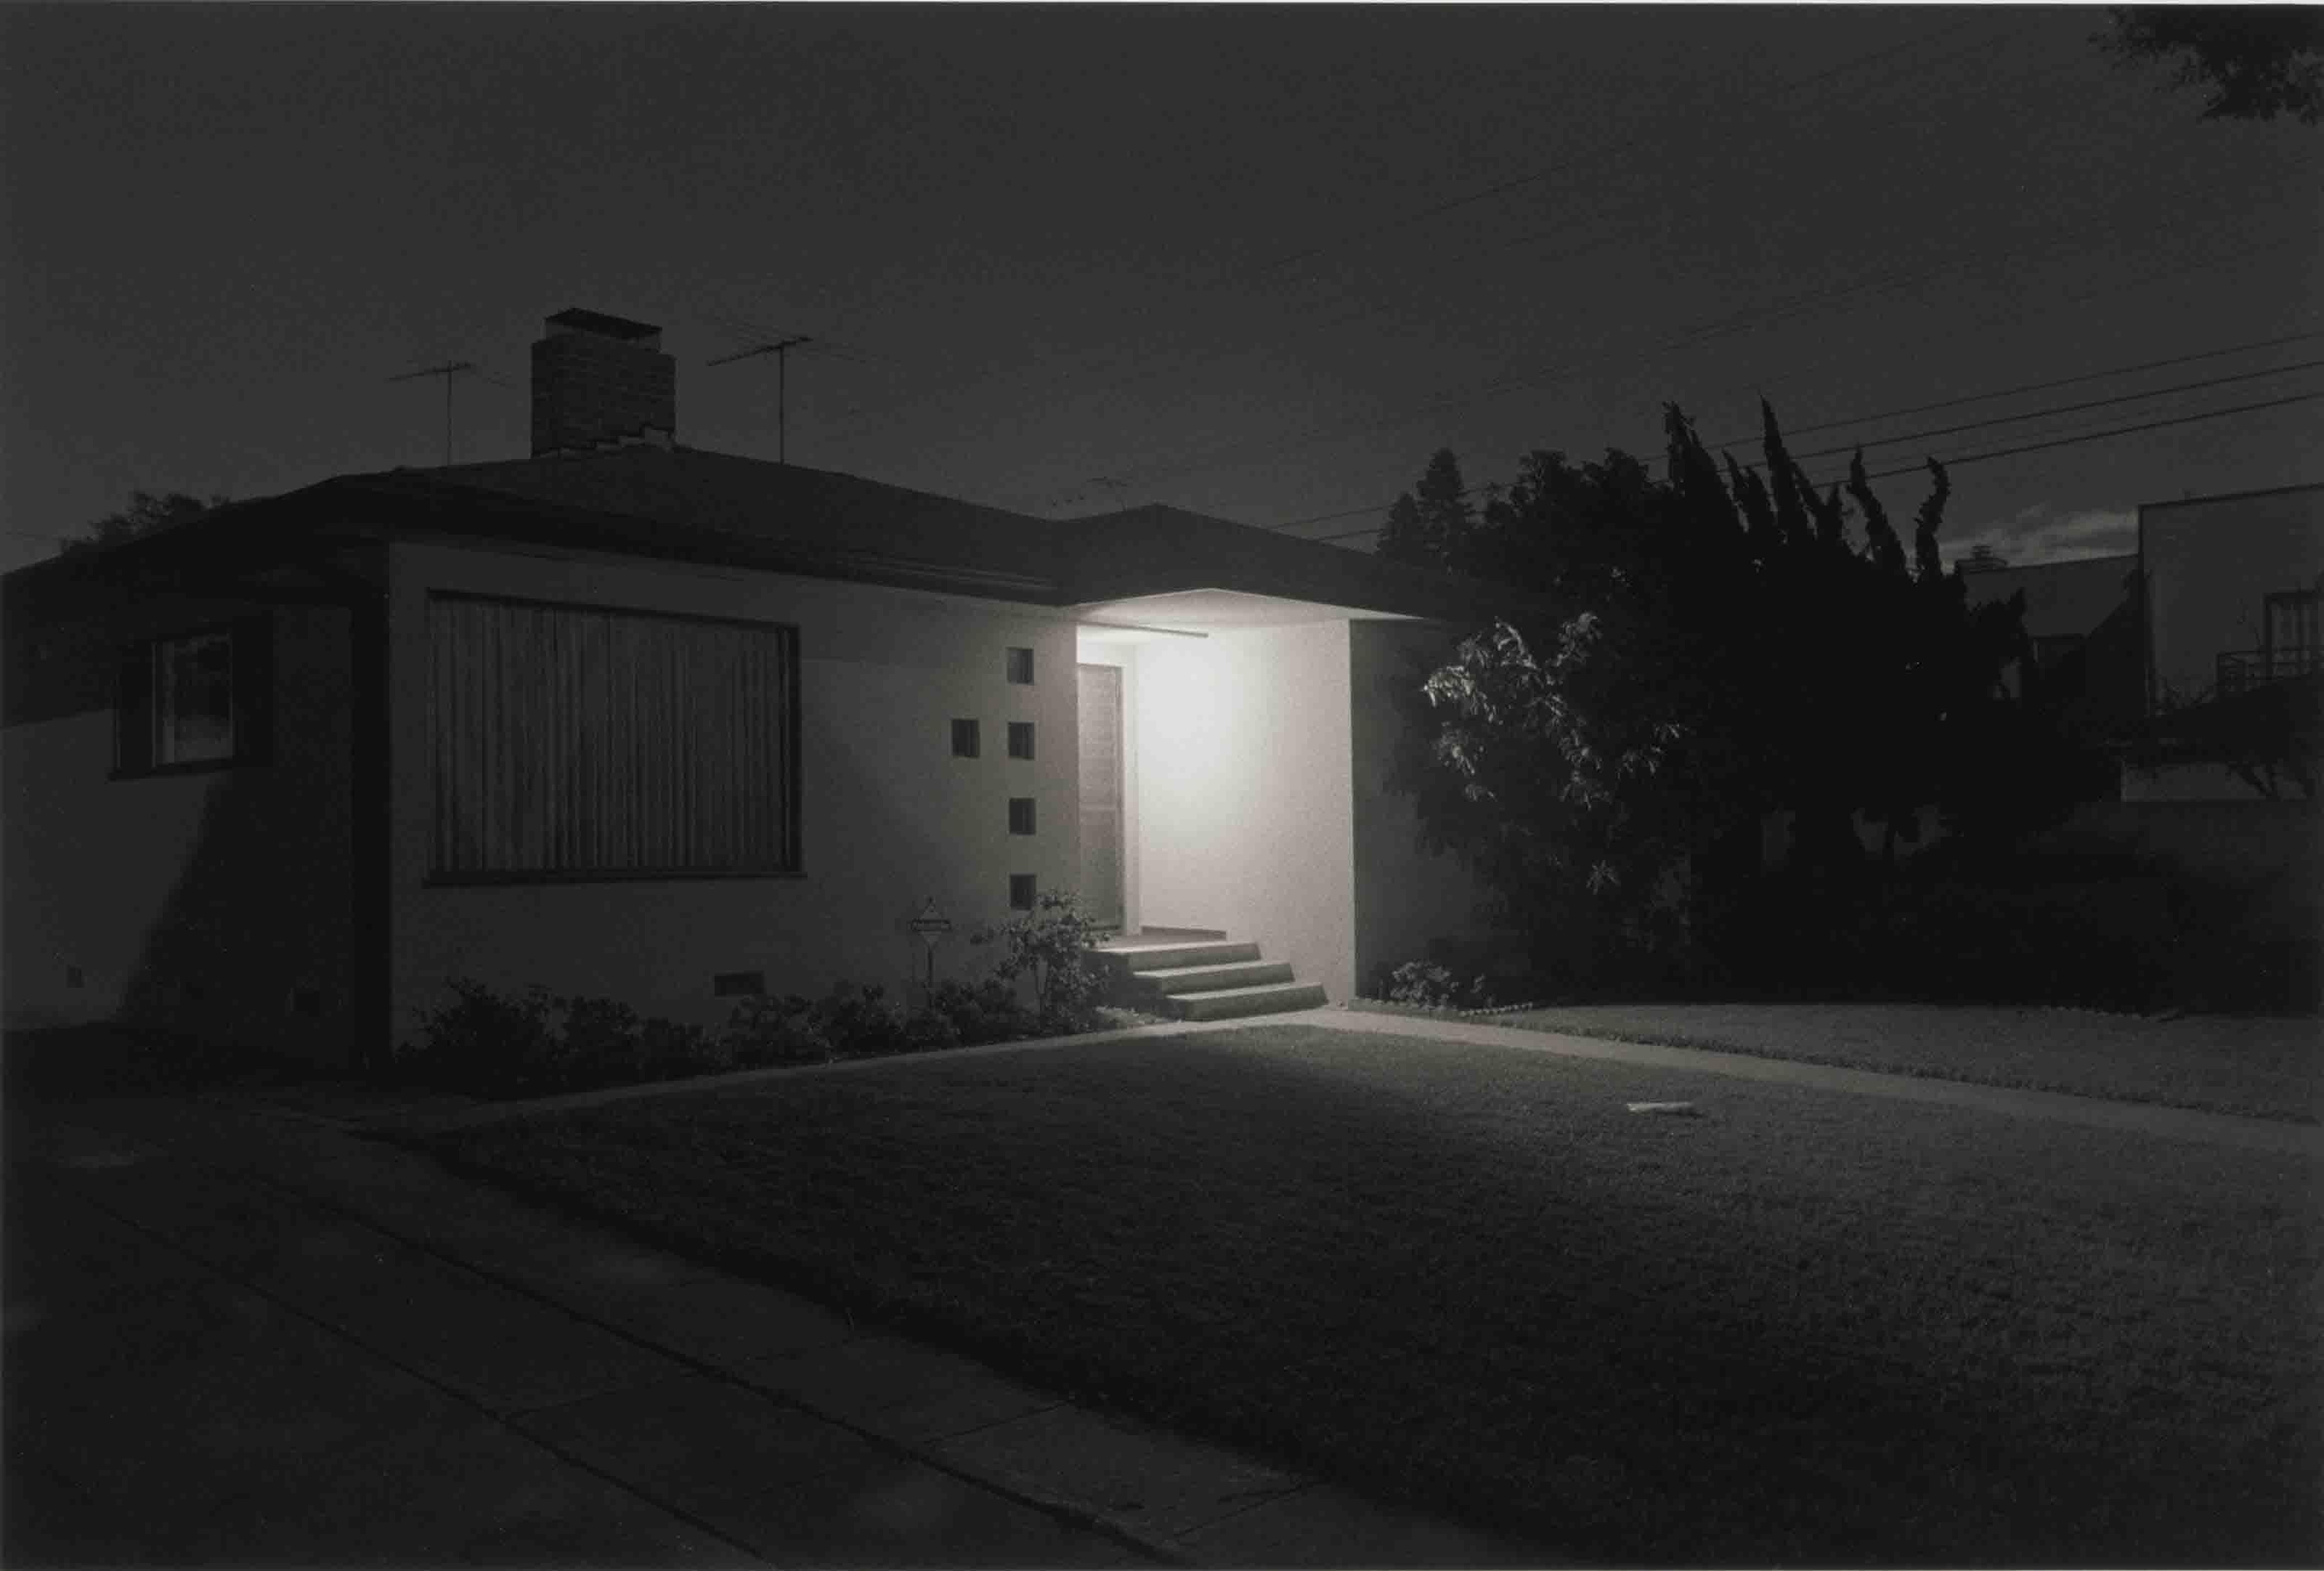 Night Walk No. 28, Los Angeles, 1995